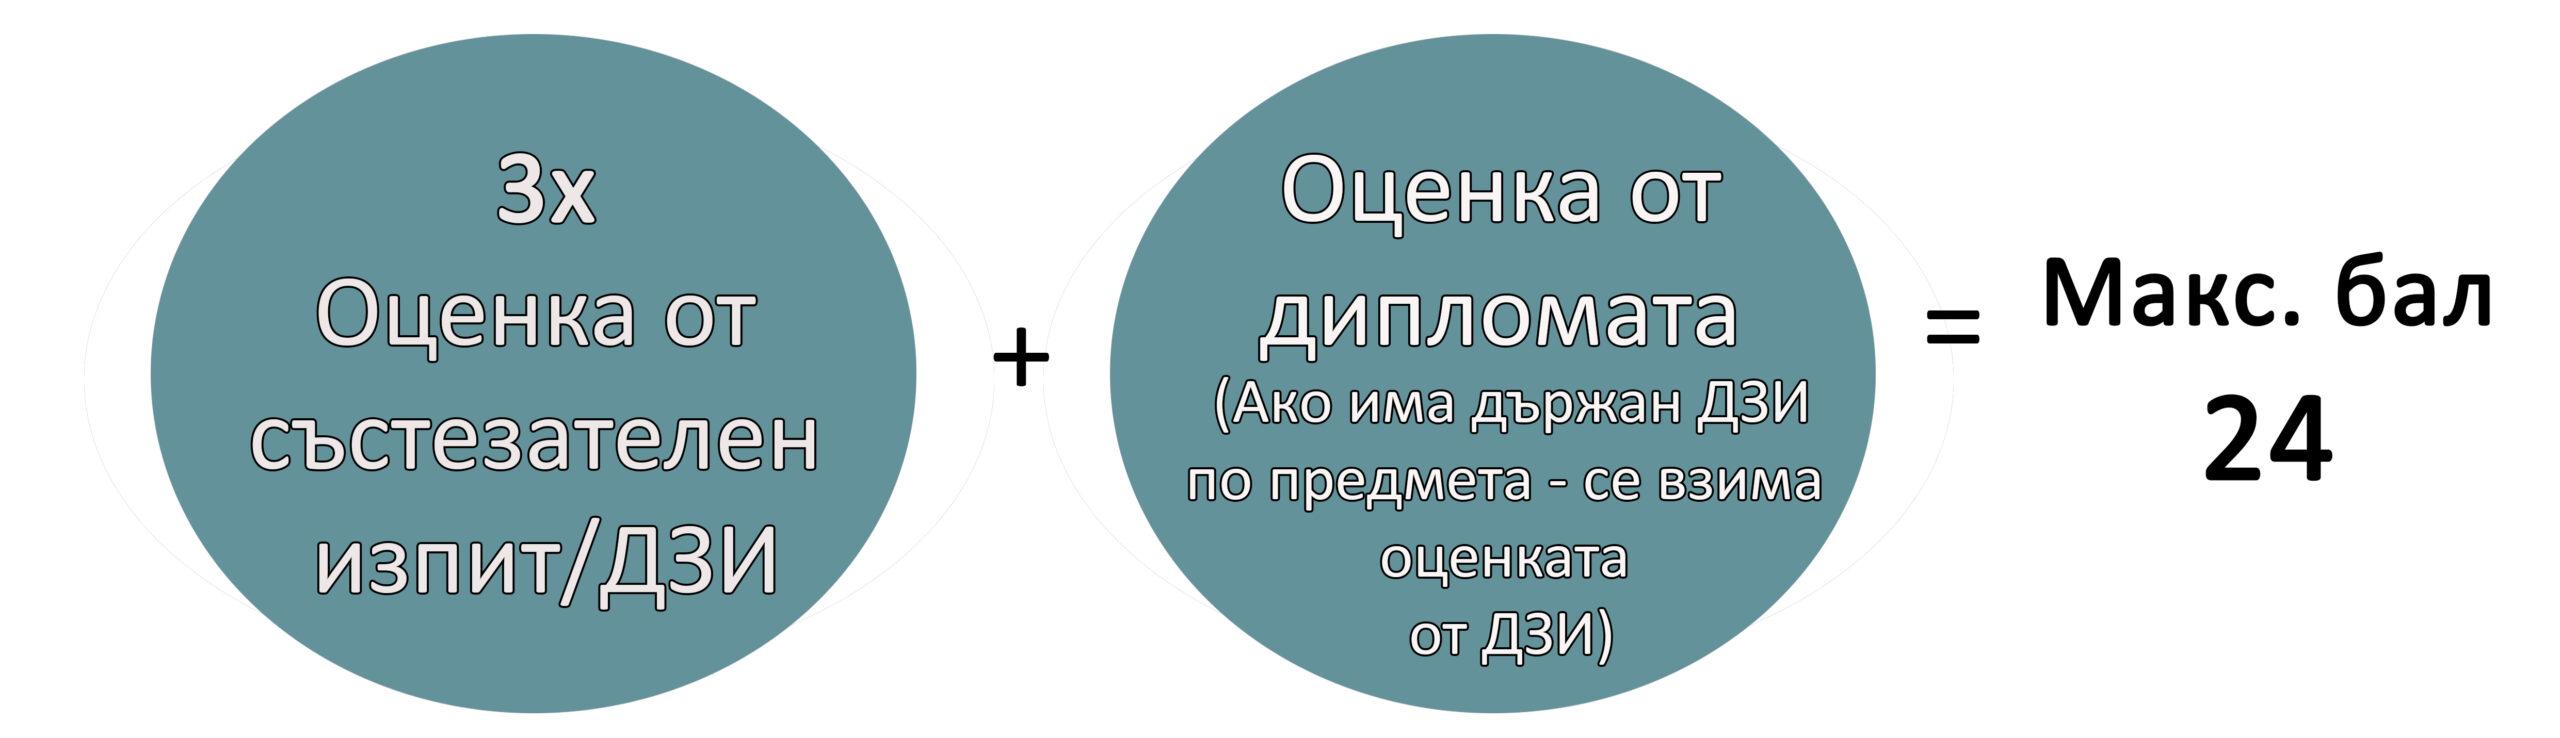 Схема за балообразуване